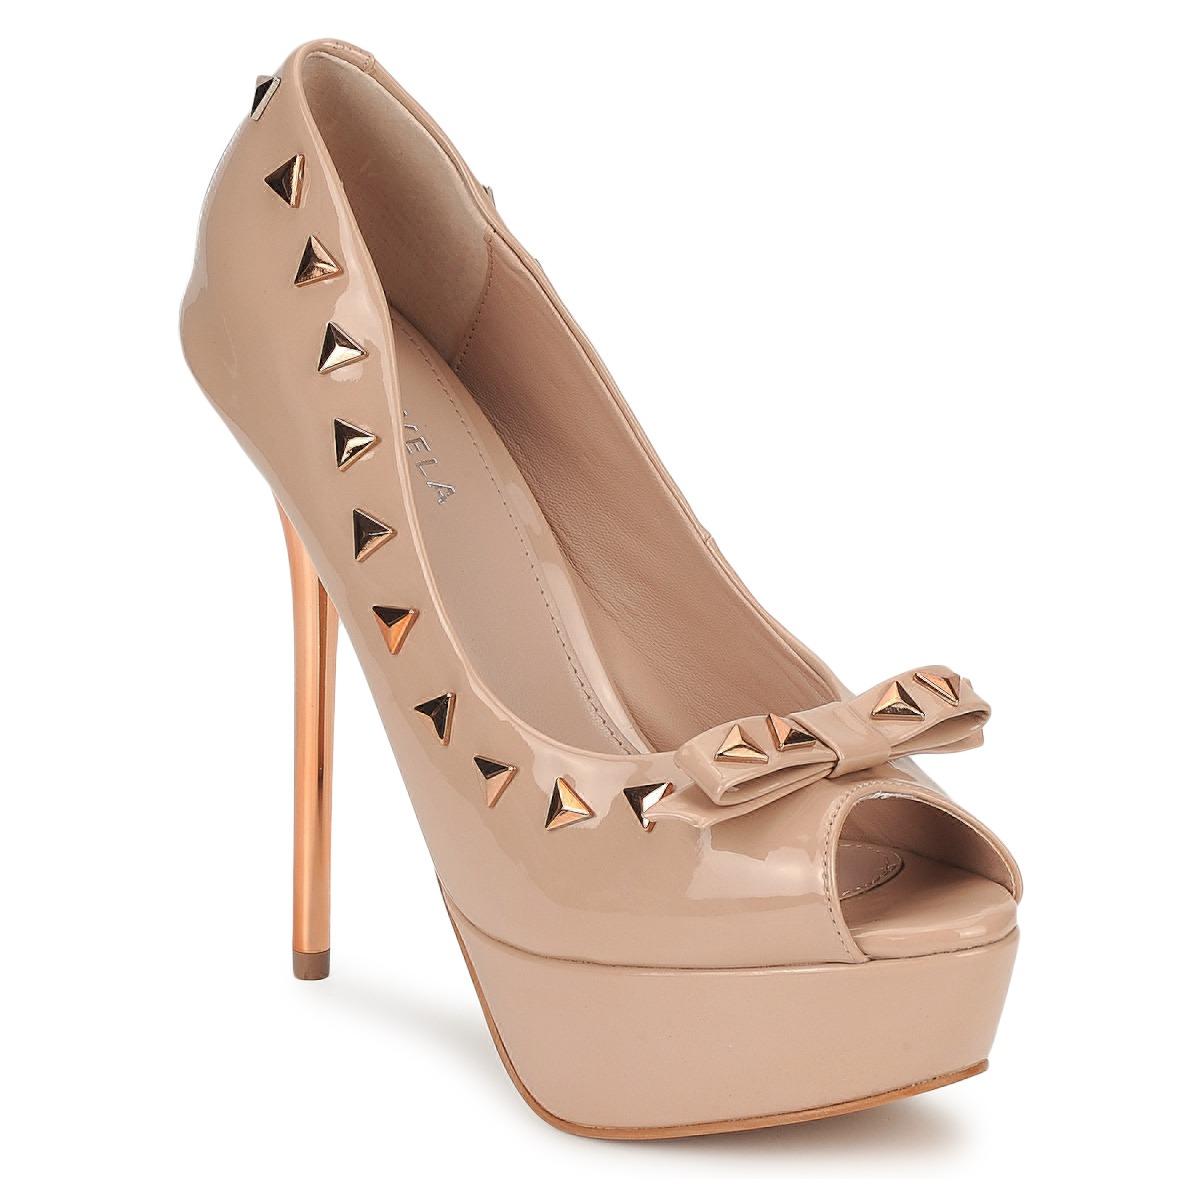 Carvela GWENDOLYN Rose - Kostenloser Versand bei Spartoode ! - Schuhe Pumps Damen 67,50 €